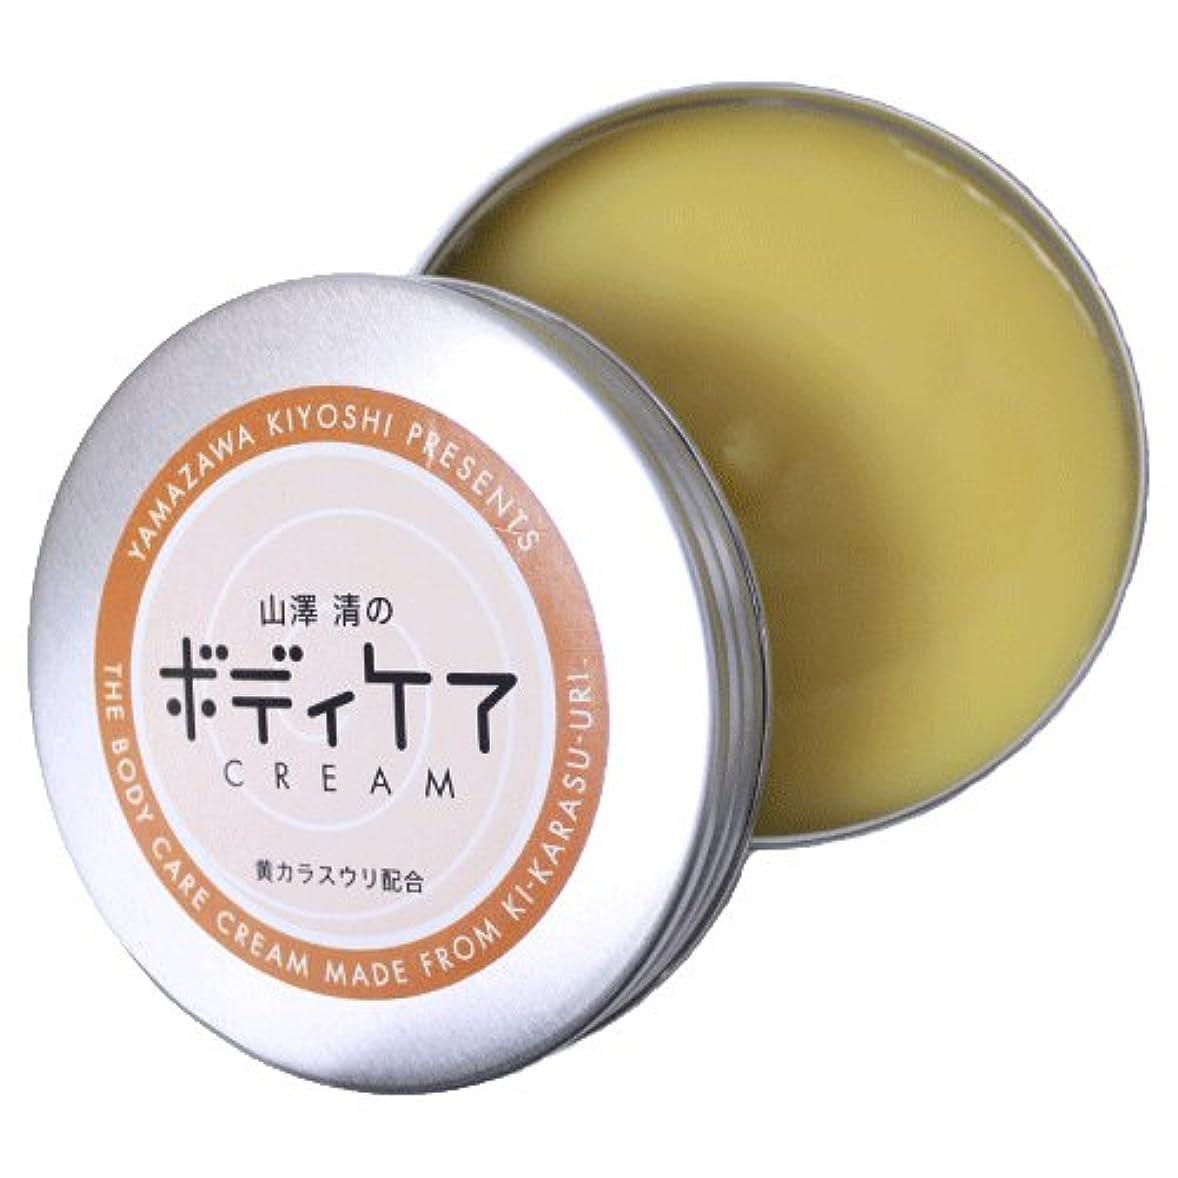 ナット飢えた一般的な黄カラスウリ入りボディケアクリームお徳用 by 山澤清 モア?オーガニック